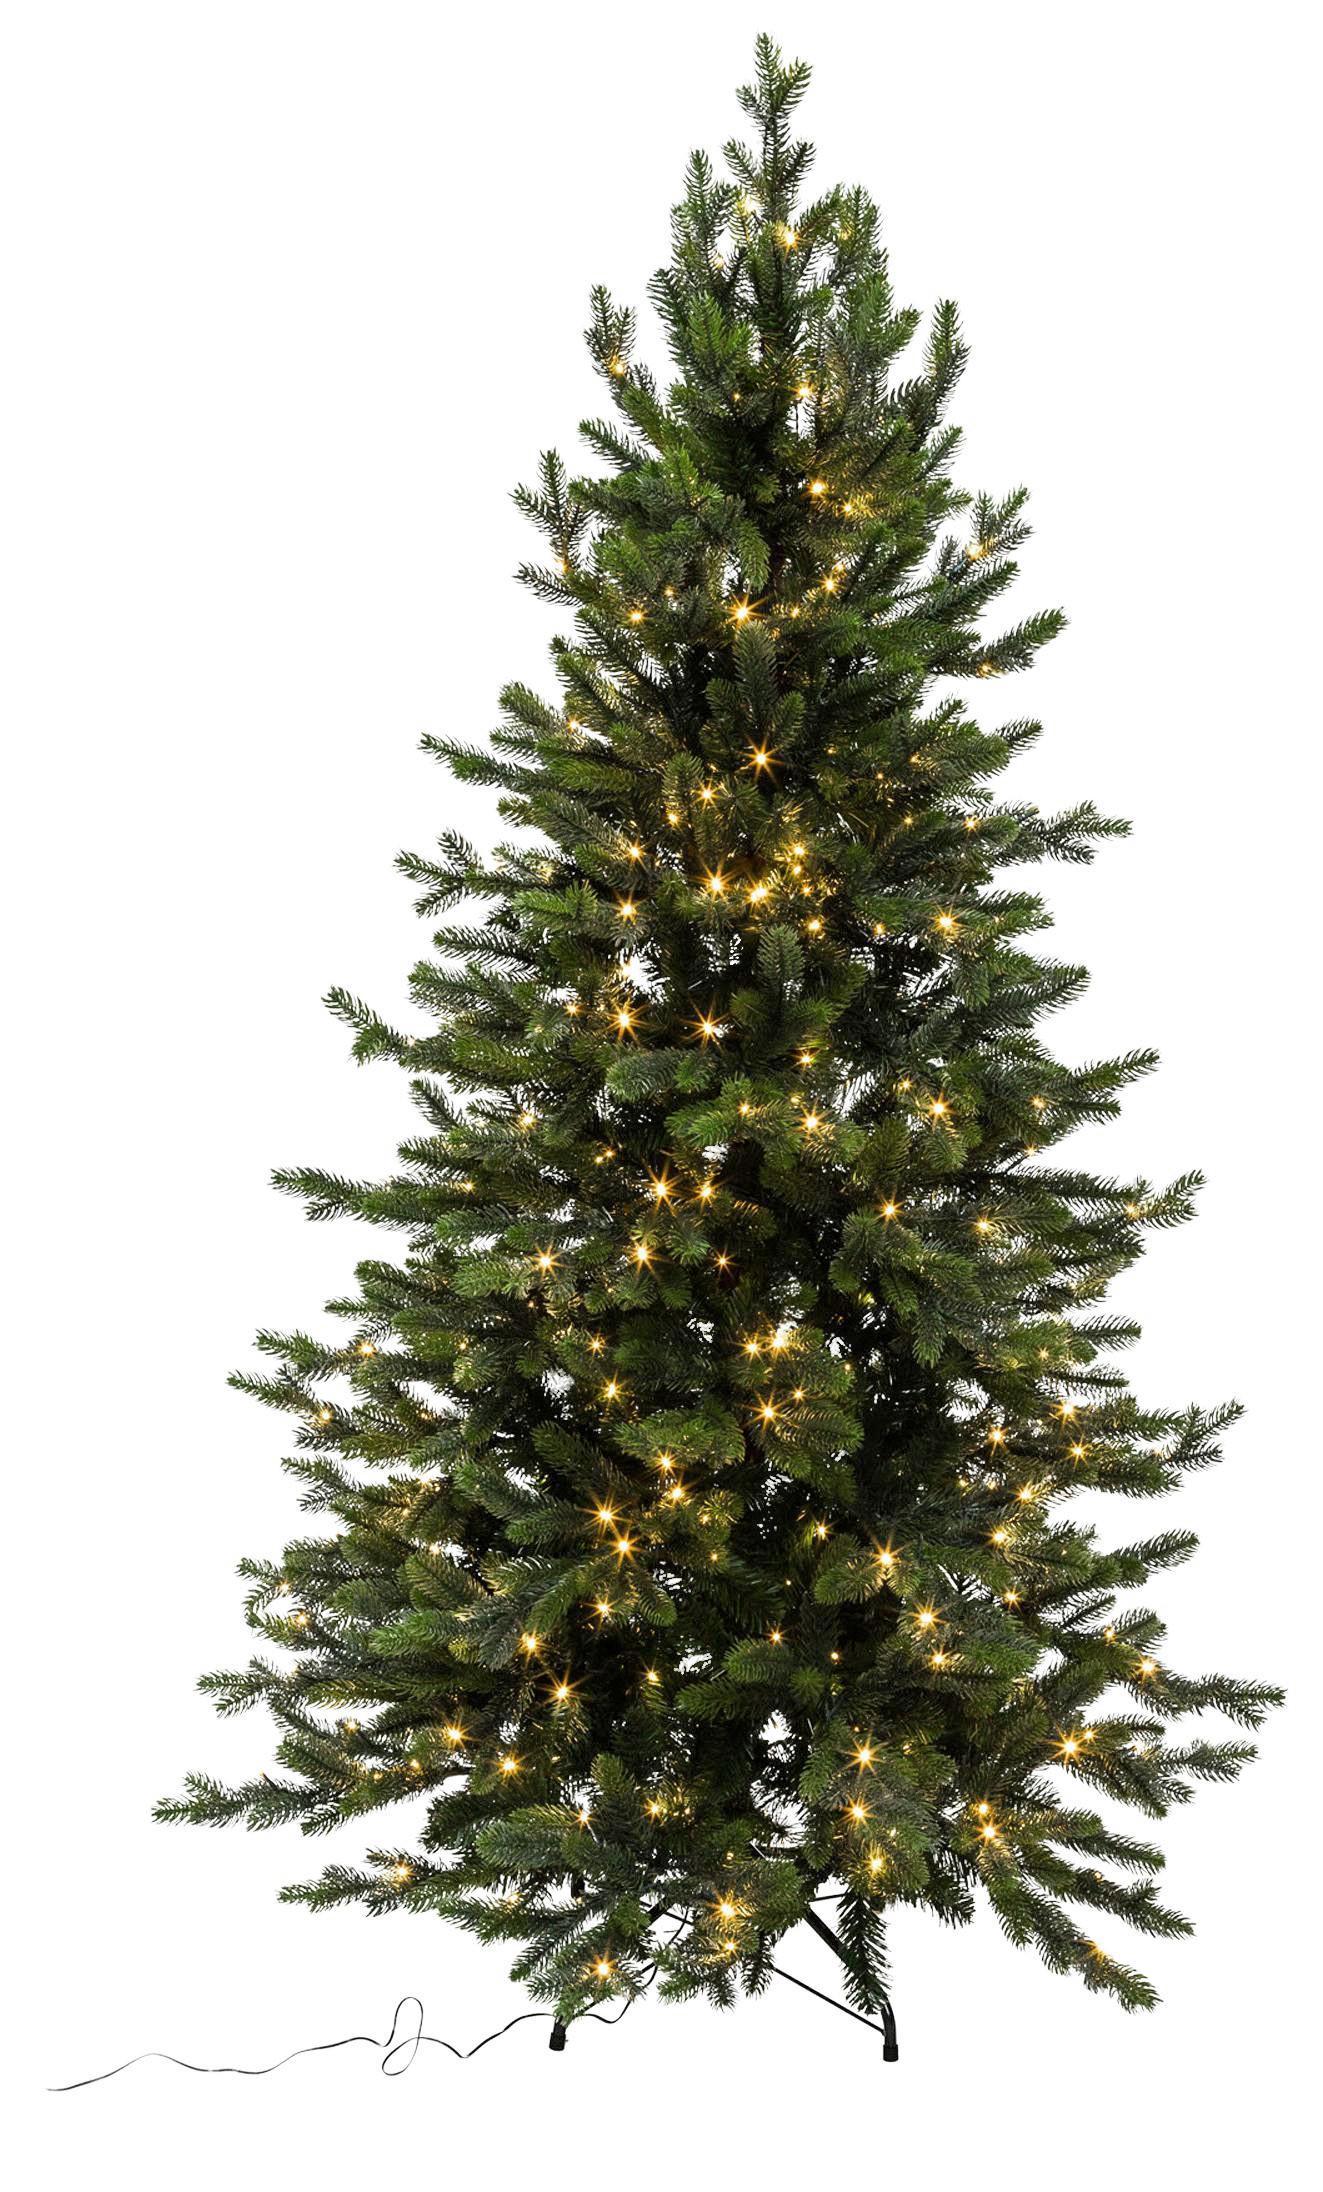 Weihnachtsbaum Aus Plastik Kaufen.Weihnachtsbaum H 150 Cm